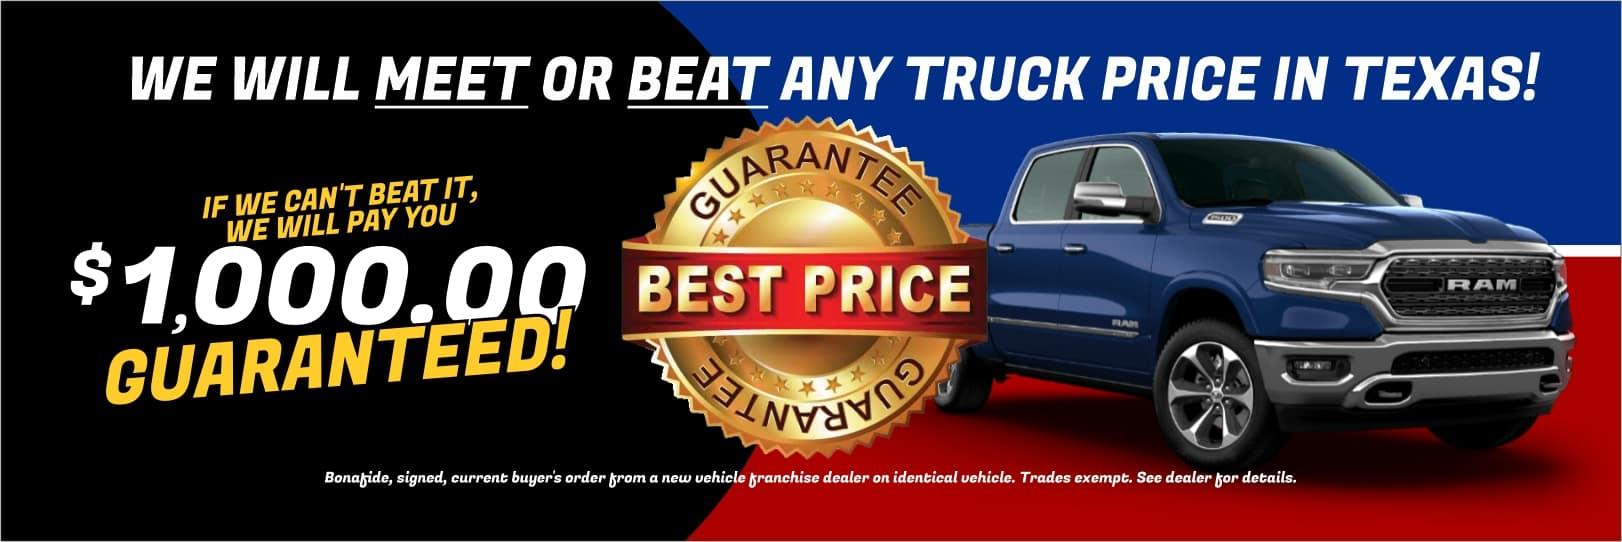 Best Truck Price